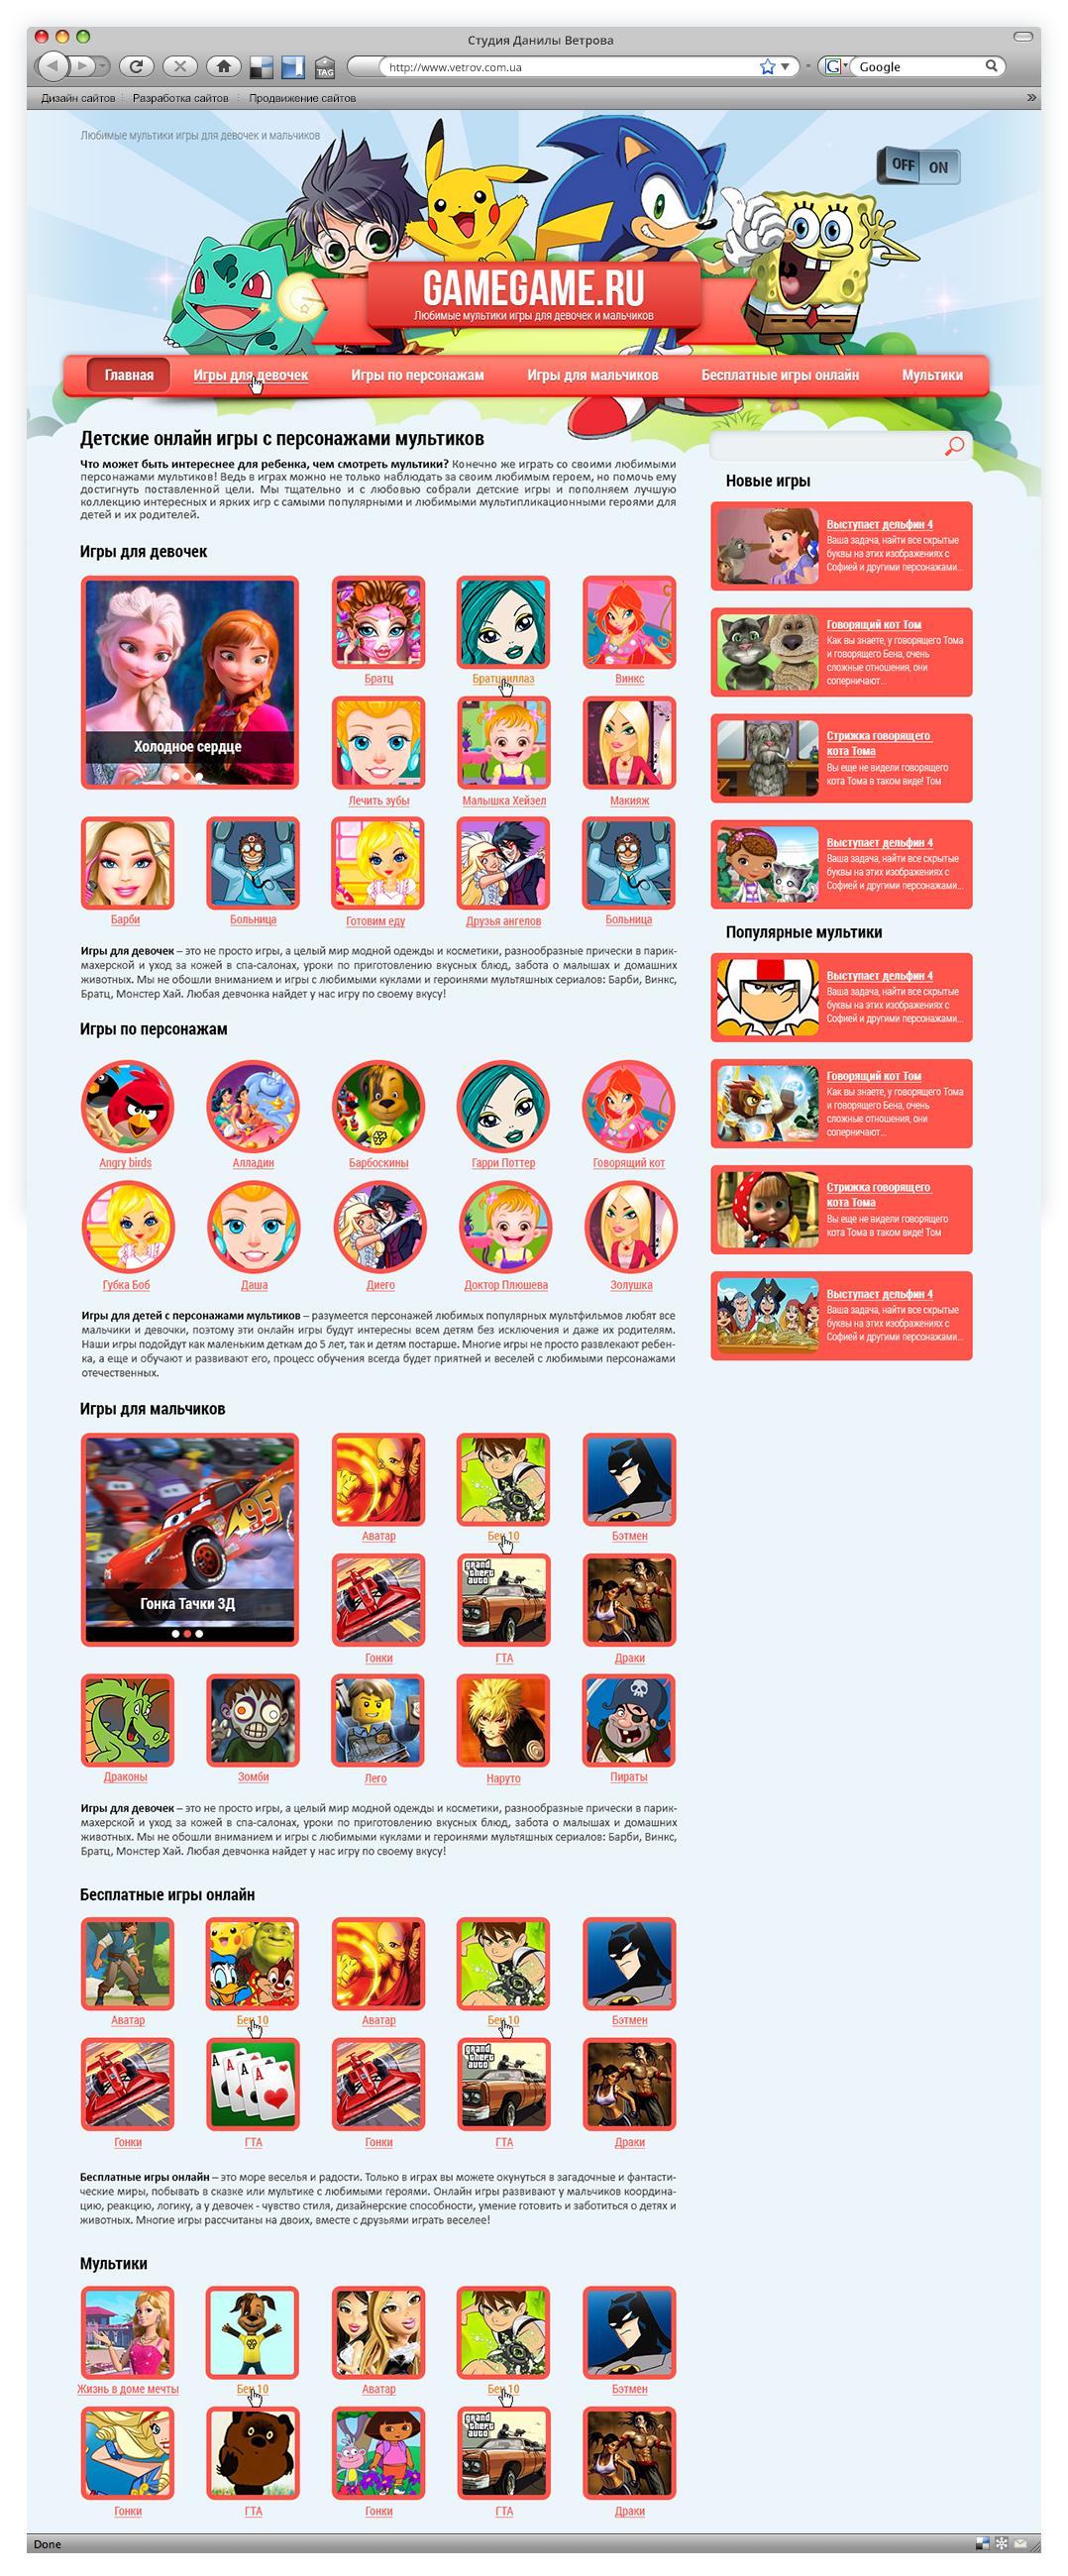 Шаблон для игрового сайта gamegame